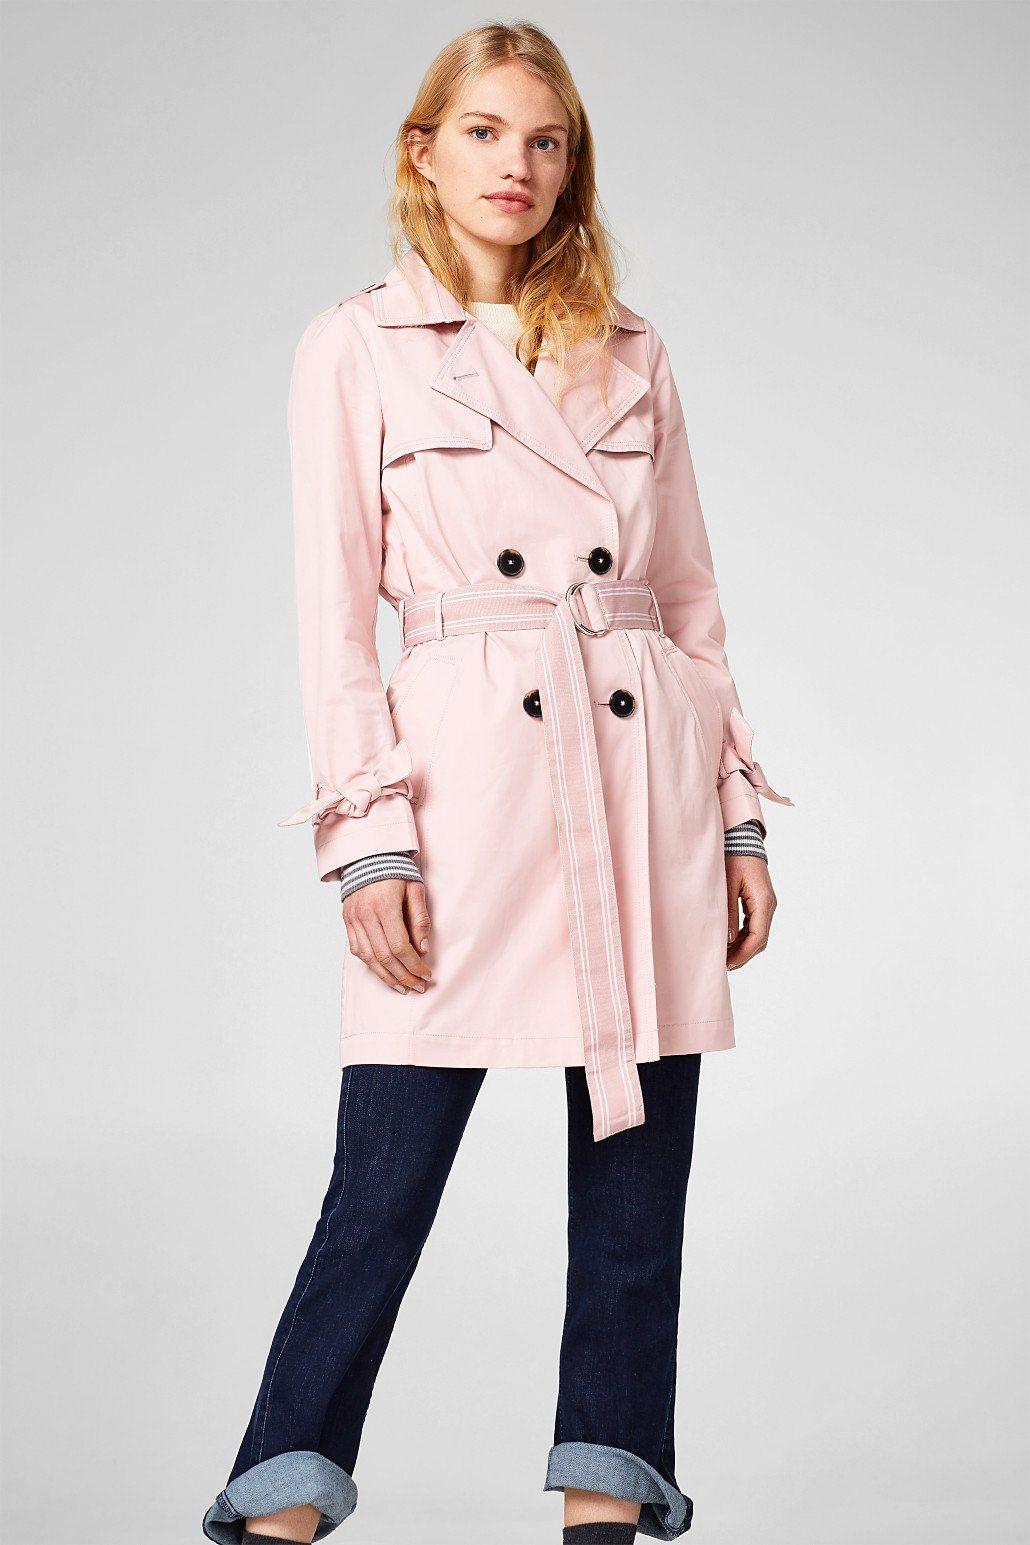 EDC BY ESPRIT Zeitloser Trenchcoat aus Baumwolle | Bekleidung > Mäntel > Trenchcoats | Baumwolle - Polyester | edc by Esprit